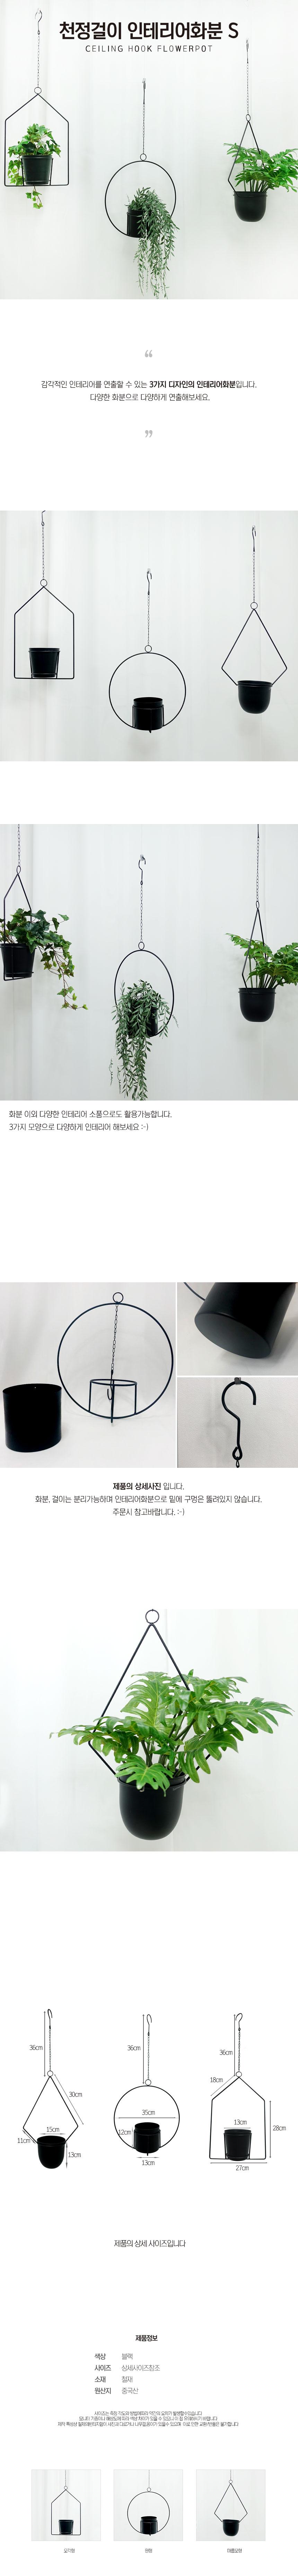 걸이용 철제 인테리어 행잉화분 - 사인모아, 15,680원, 가드닝도구, 화분대/화분받침